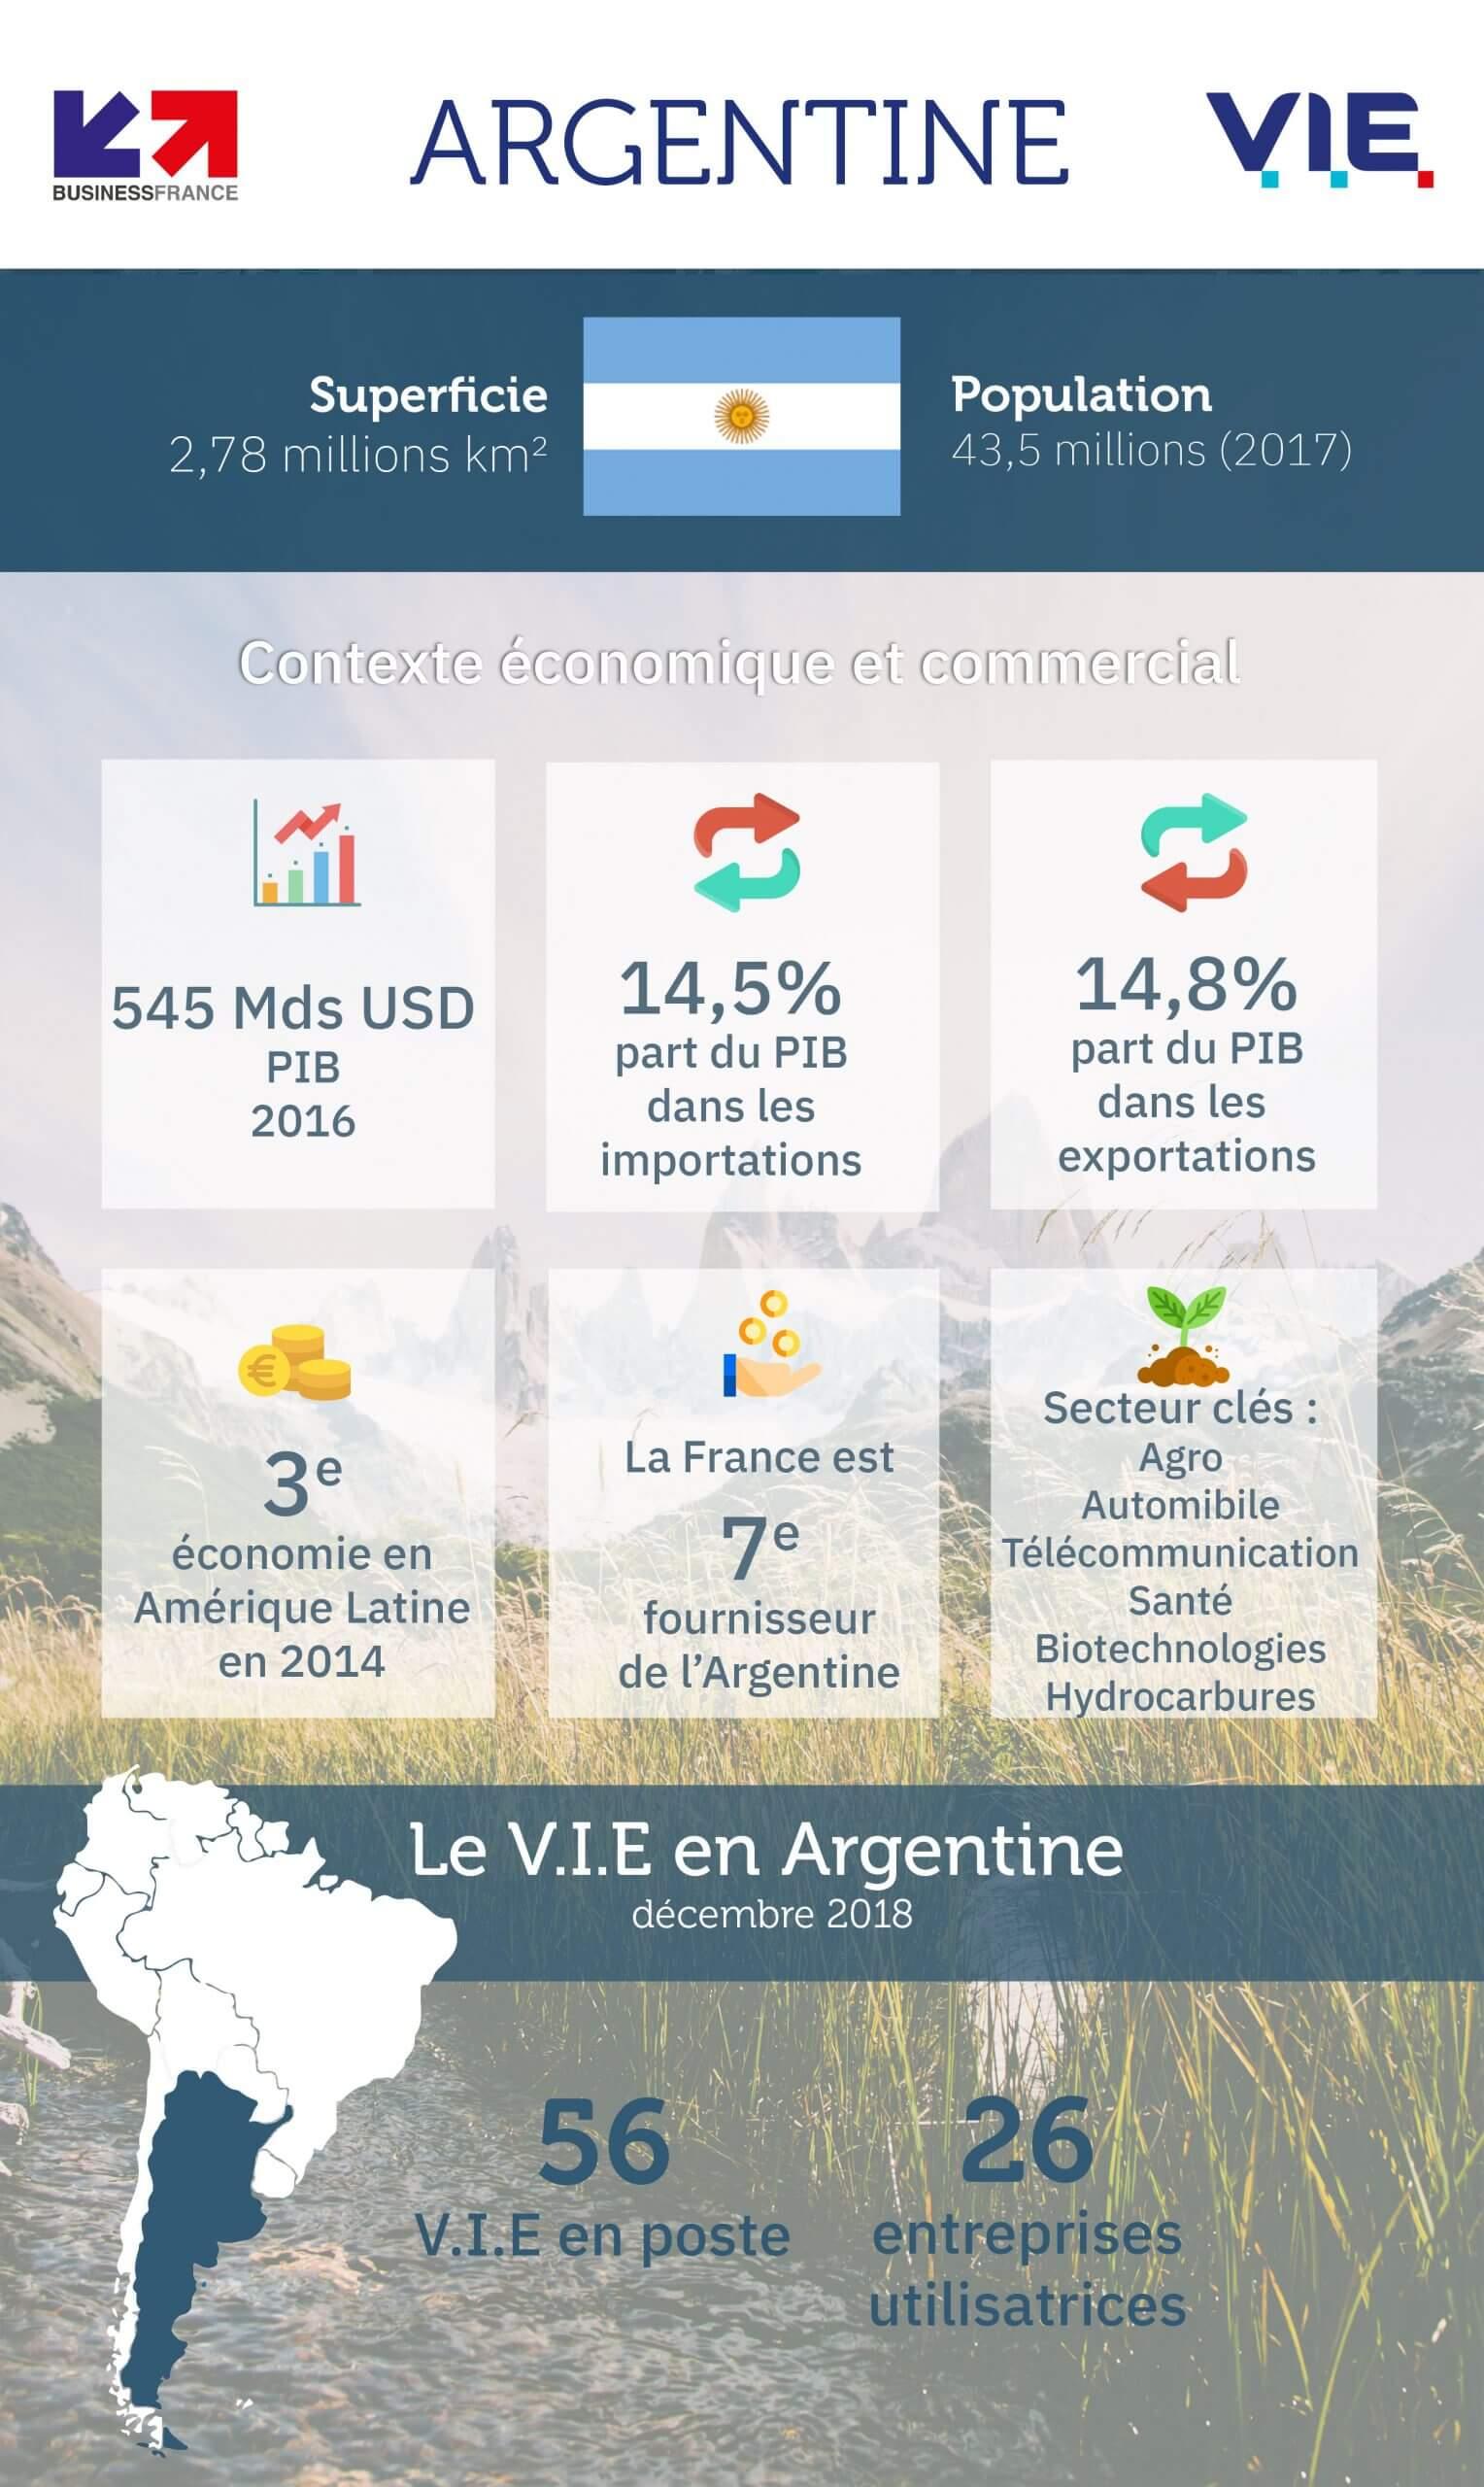 Chiffres et secteurs clés de l'économie Argentine - 2018